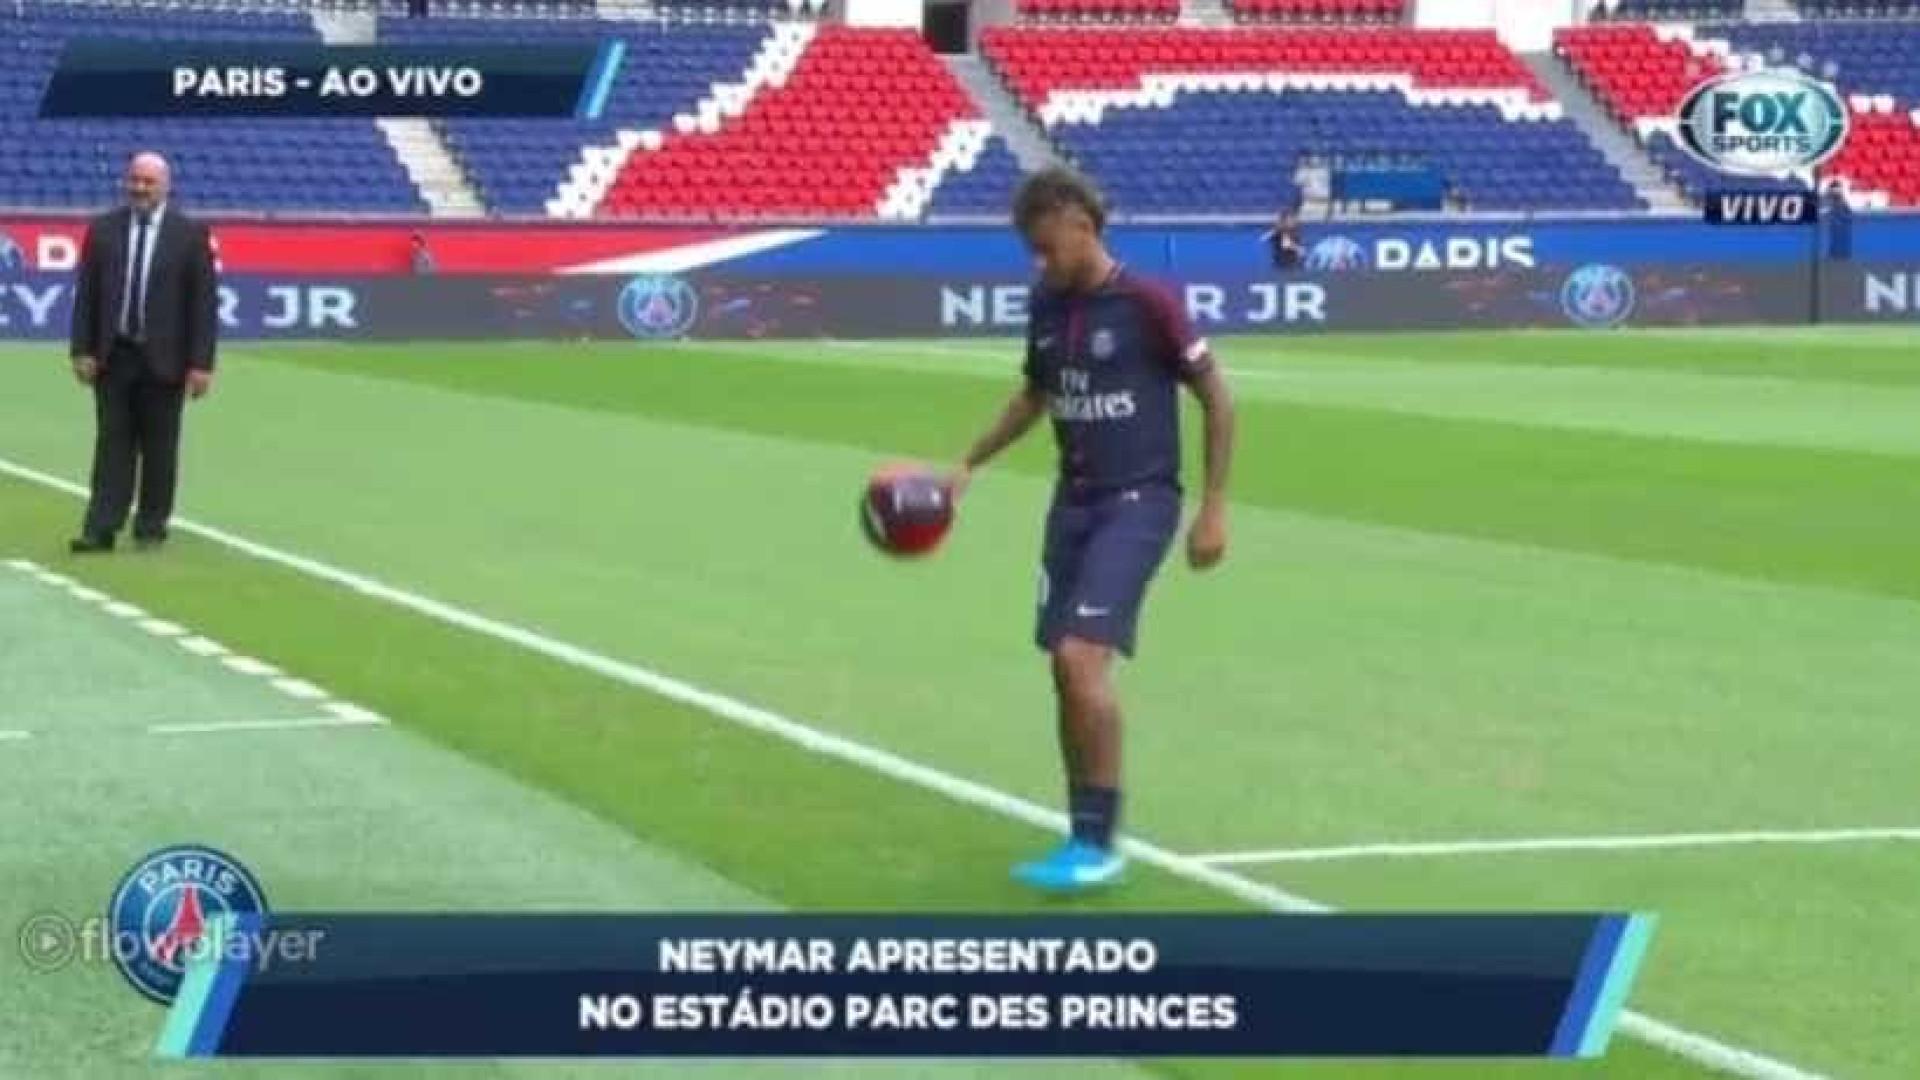 Neymar, vestido à PSG, deu 'cheiro' de magia no Parque dos Príncipes